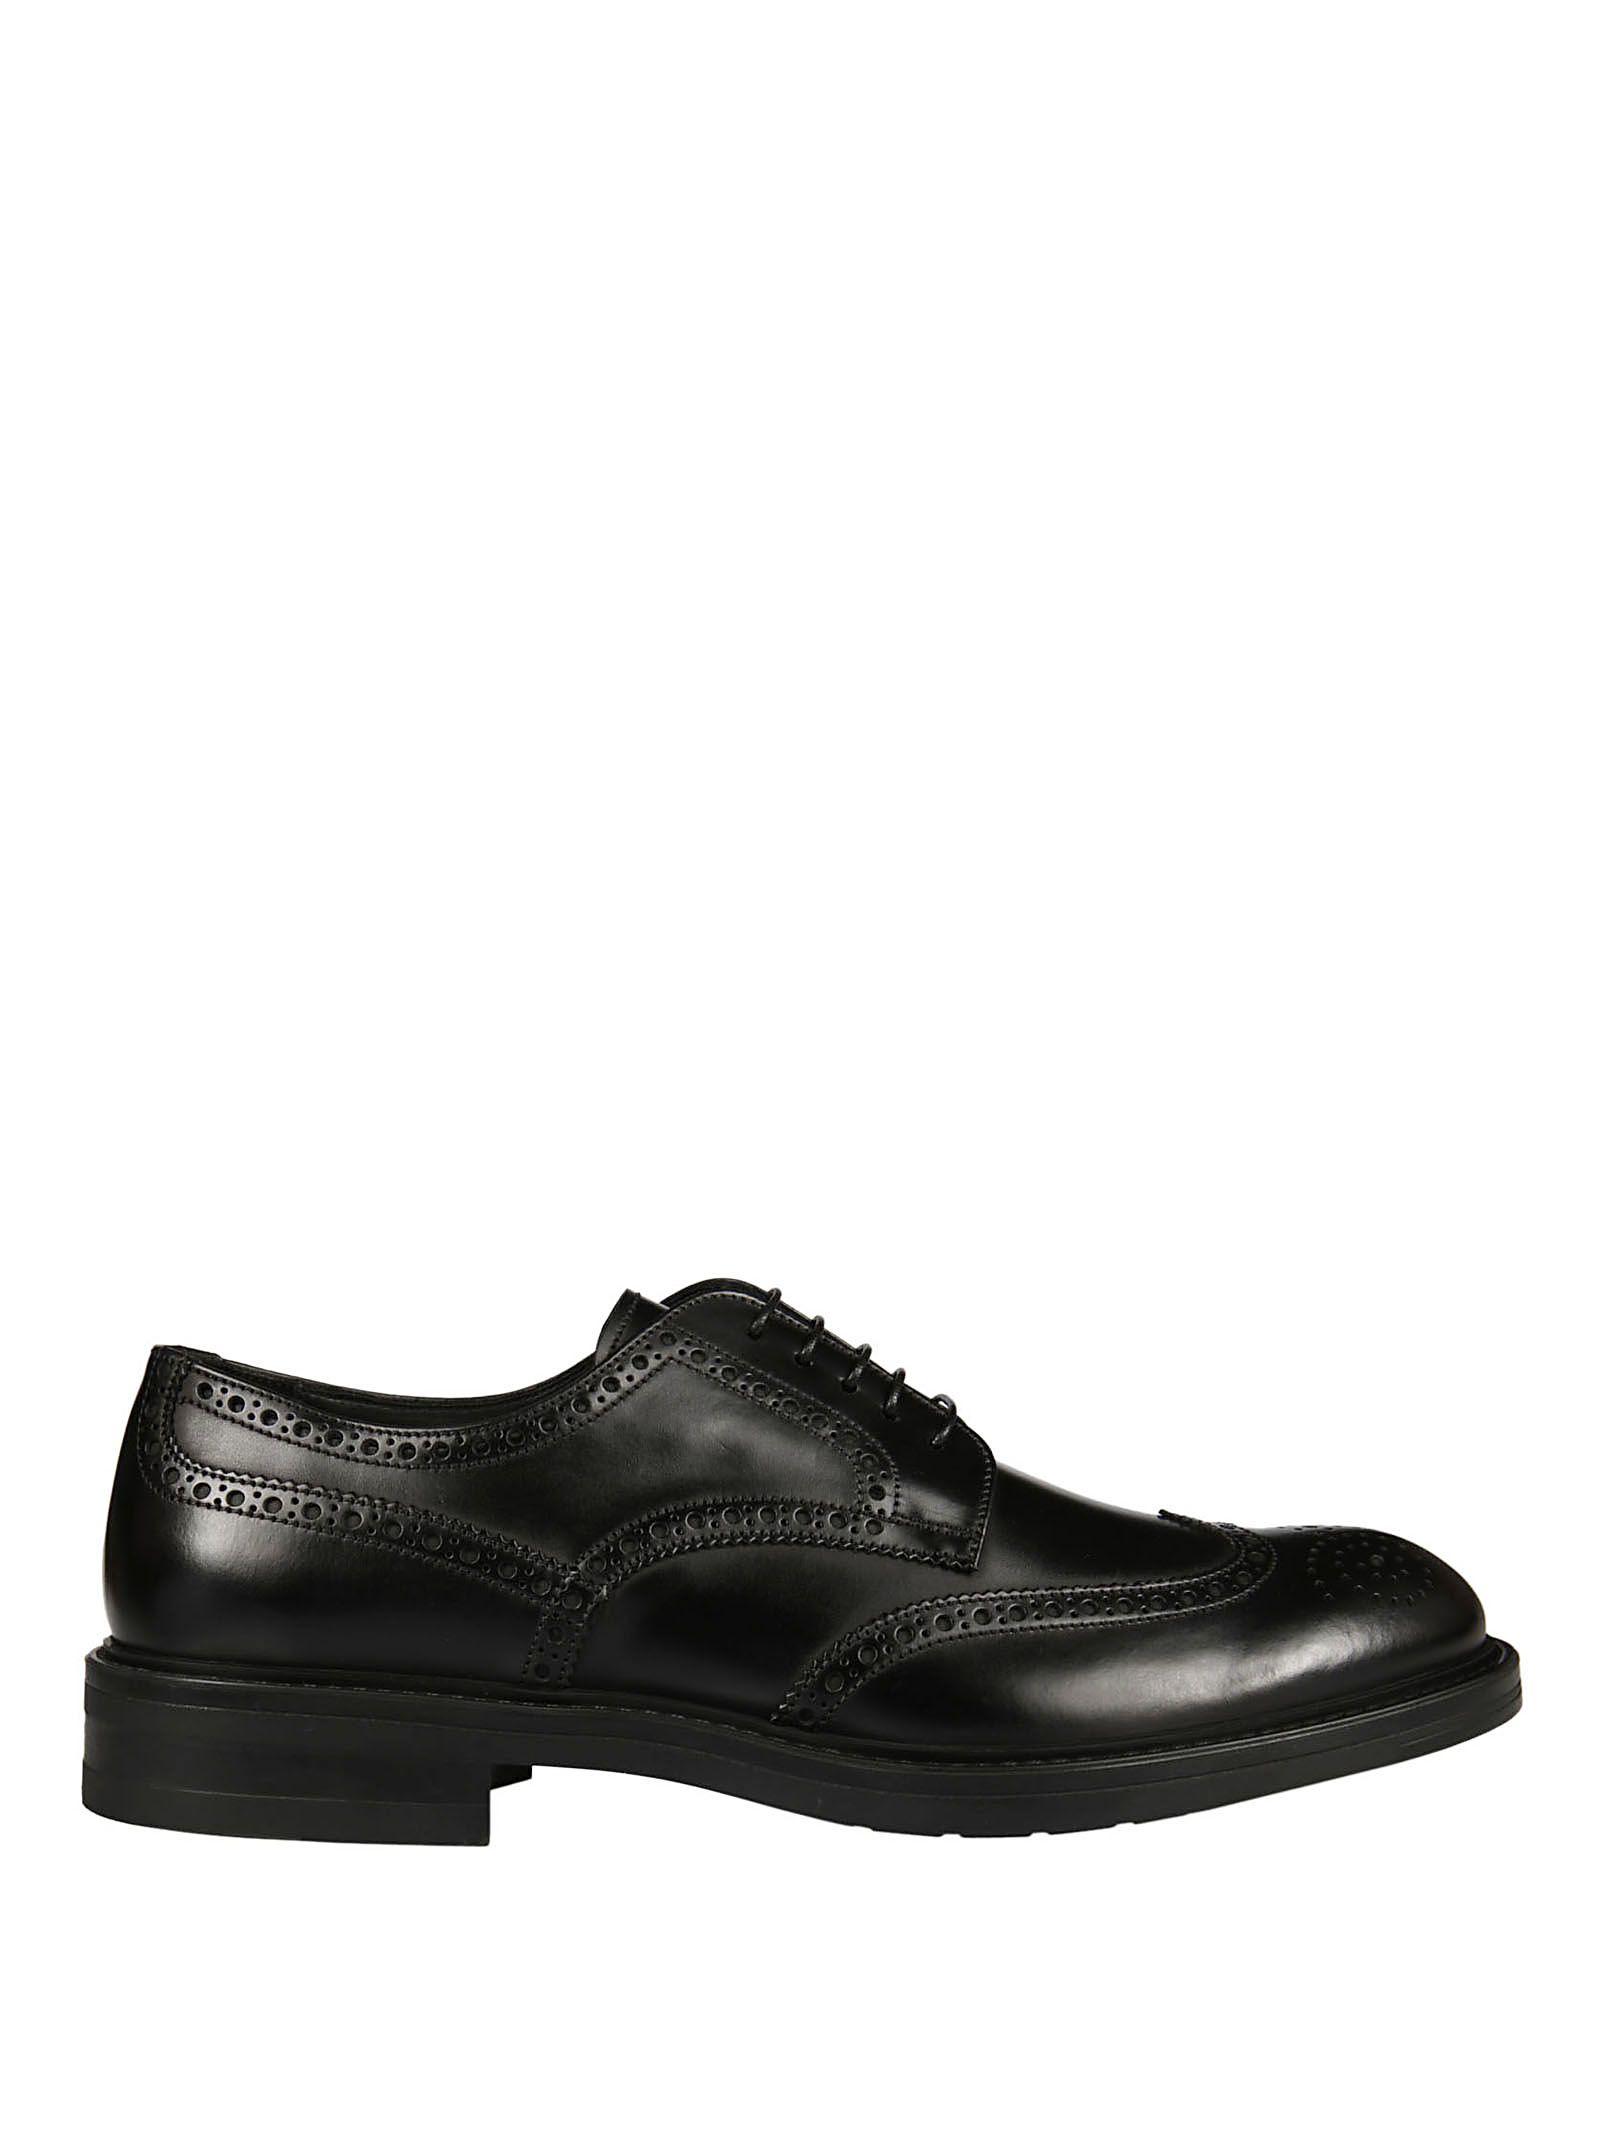 Franceschetti Brogues Shoes